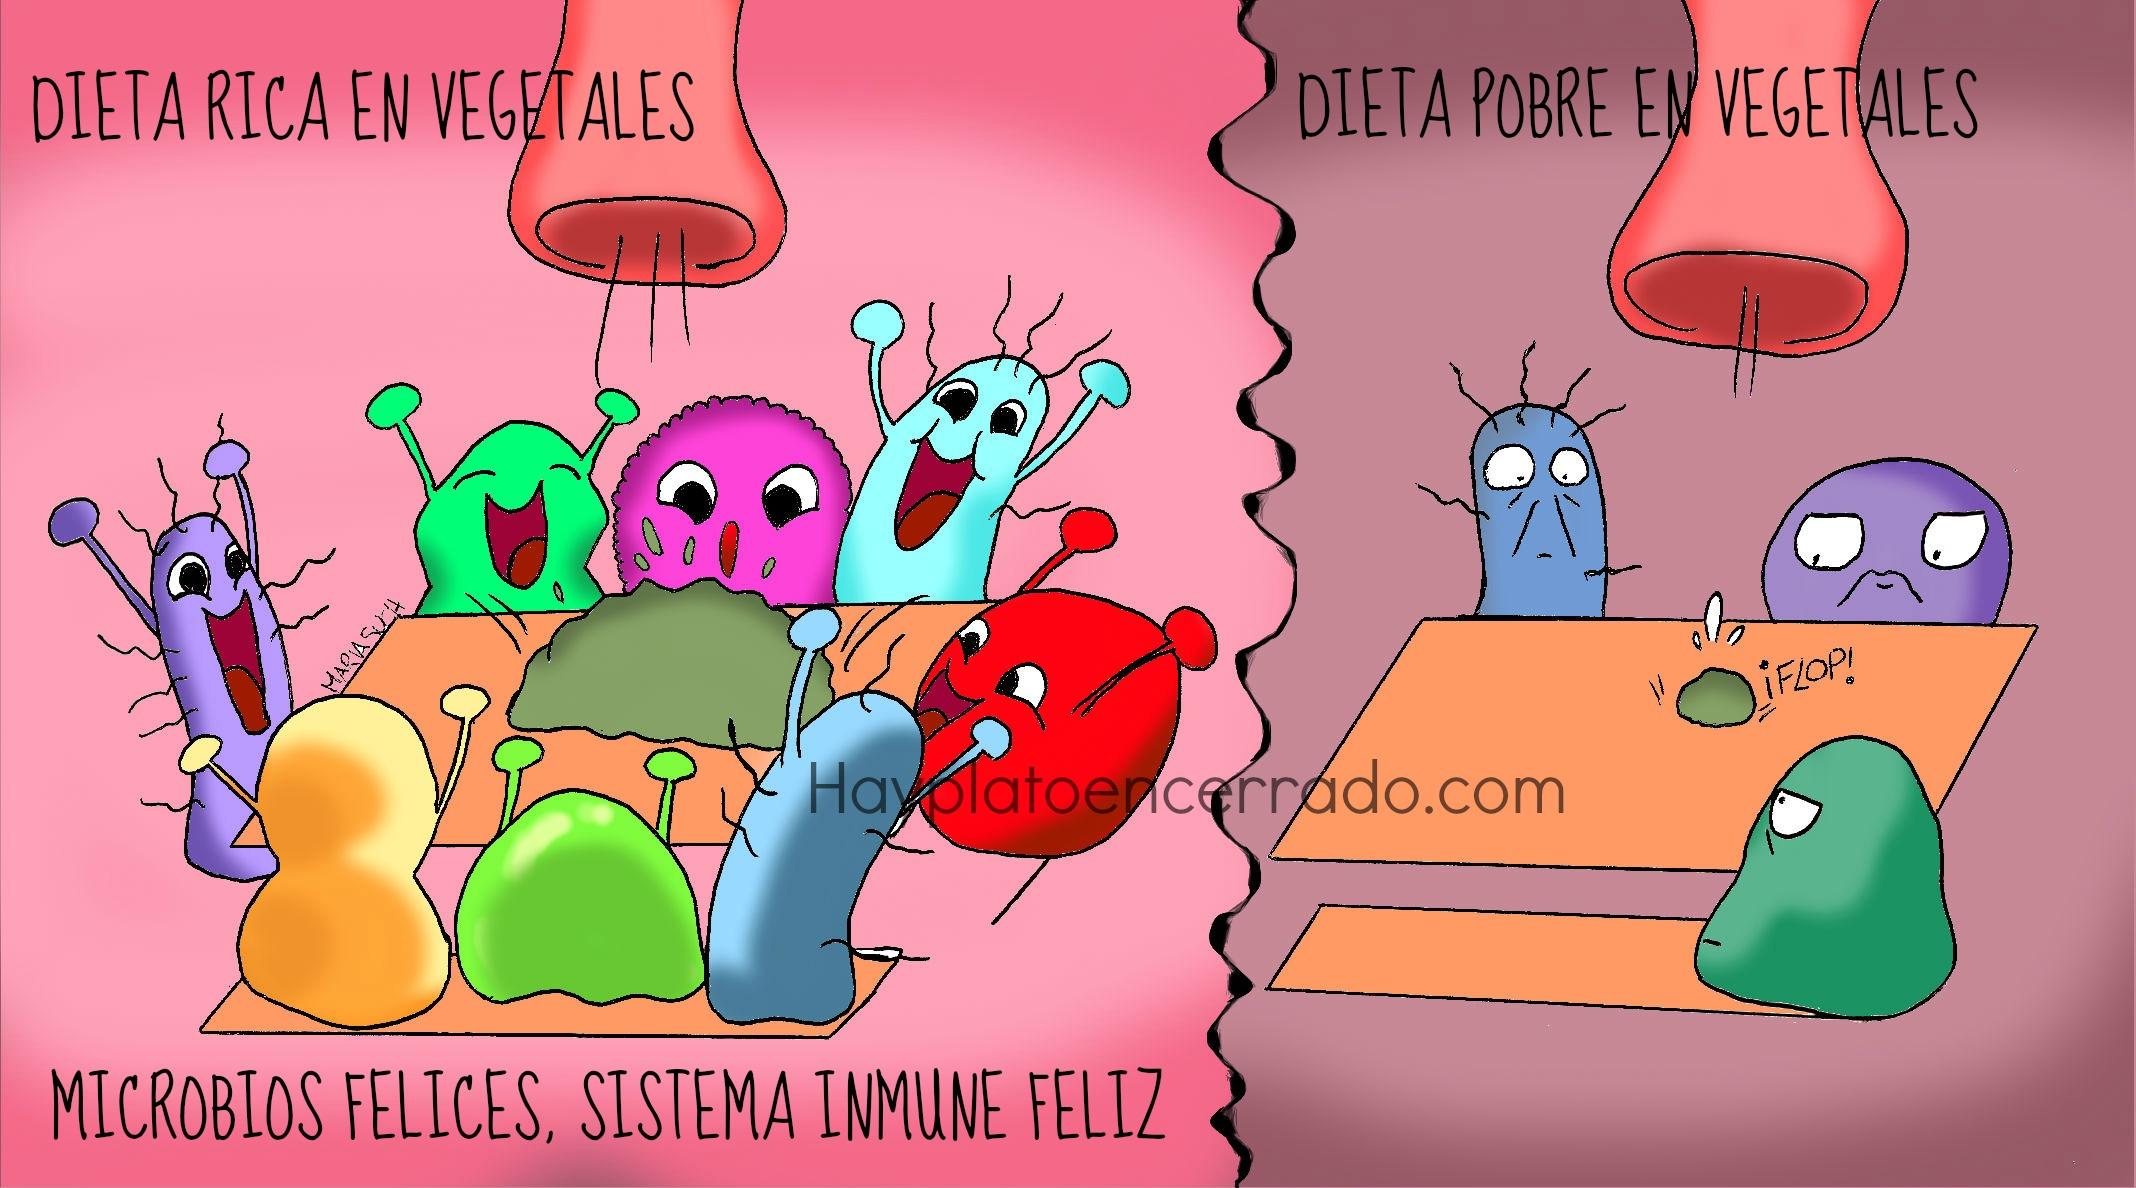 microbiota feliz y triste viñeta flora intestinal